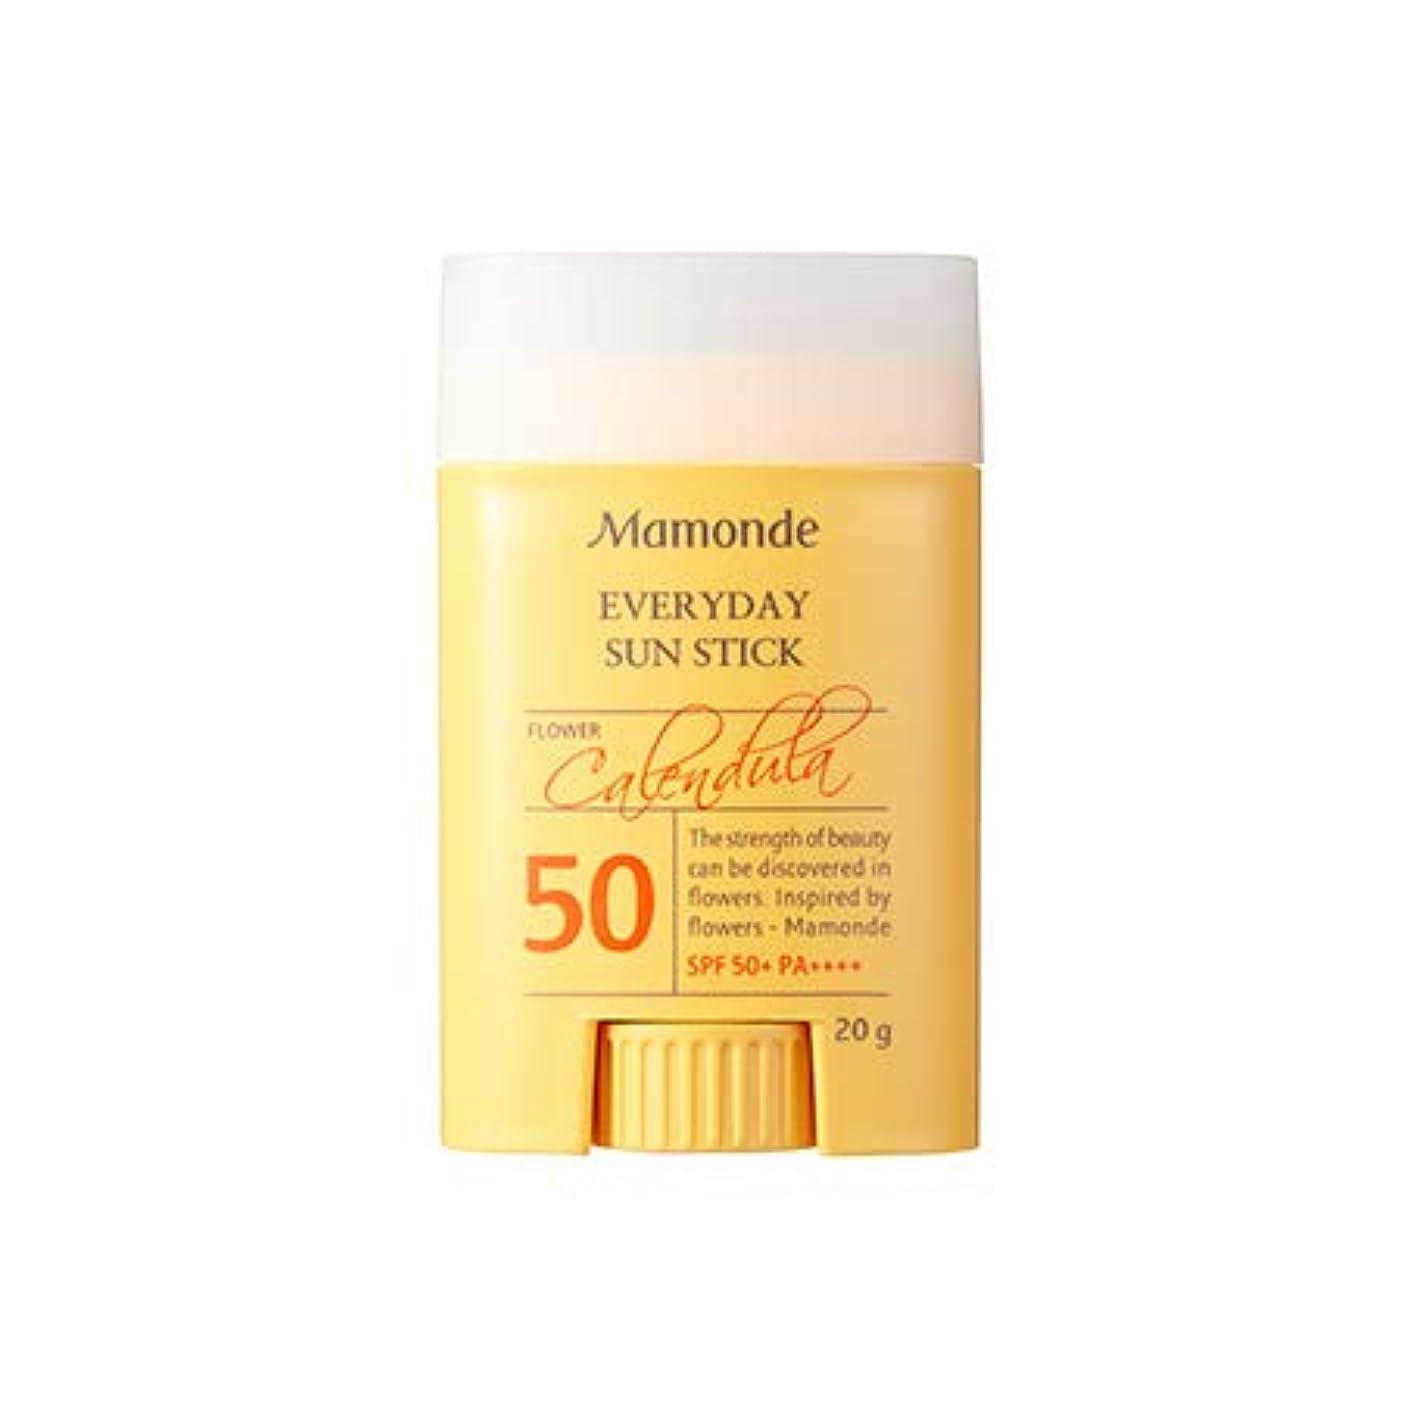 夕食を食べる蘇生するさようならMamonde Everyday Sun Stick 20g マモンド エブリデーサンスティック (SPF50+/PA++++) [並行輸入品]